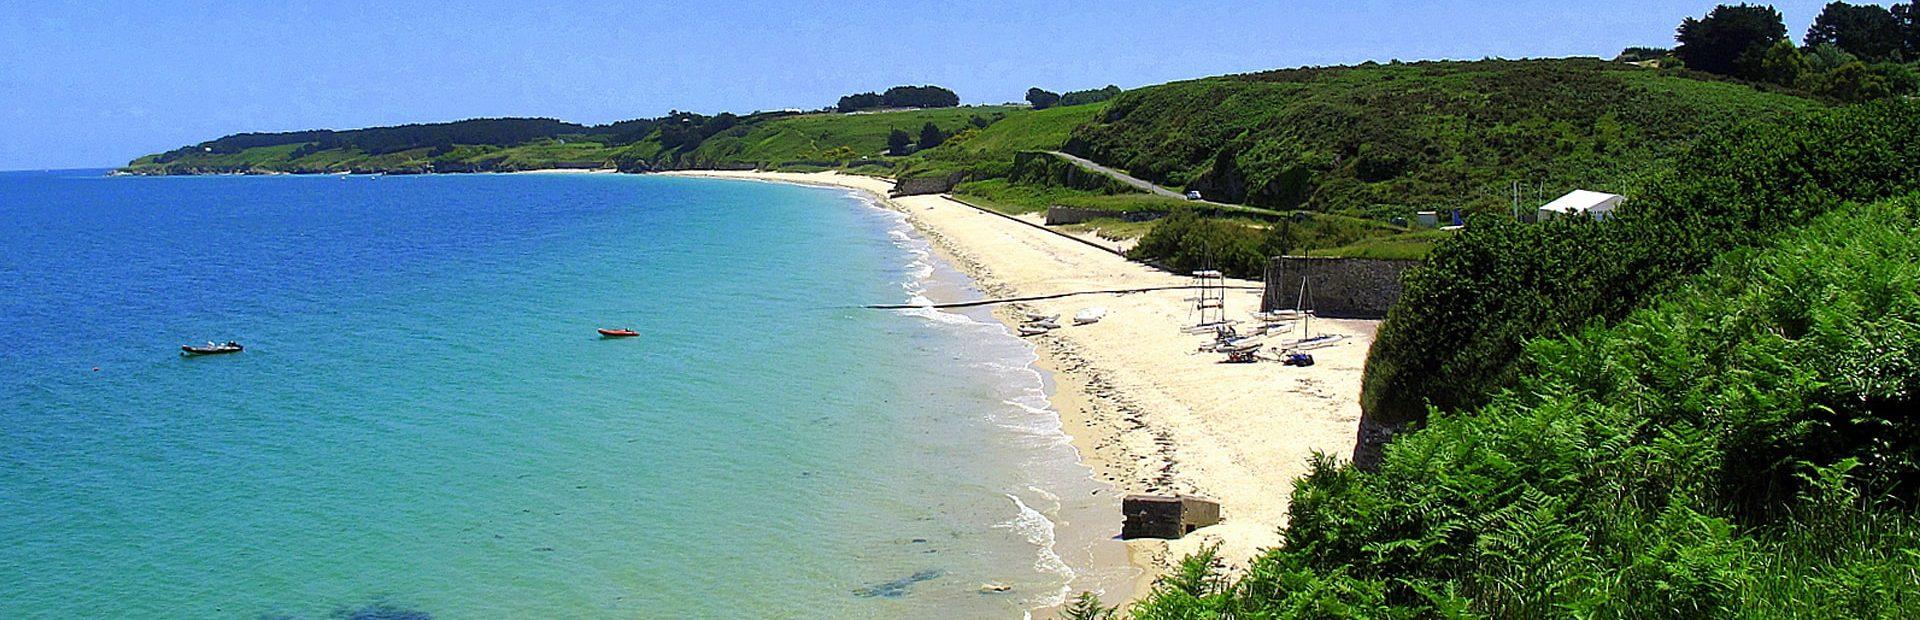 Camping belle ile en mer camping les grands sables - Office du tourisme de belle ile en mer ...